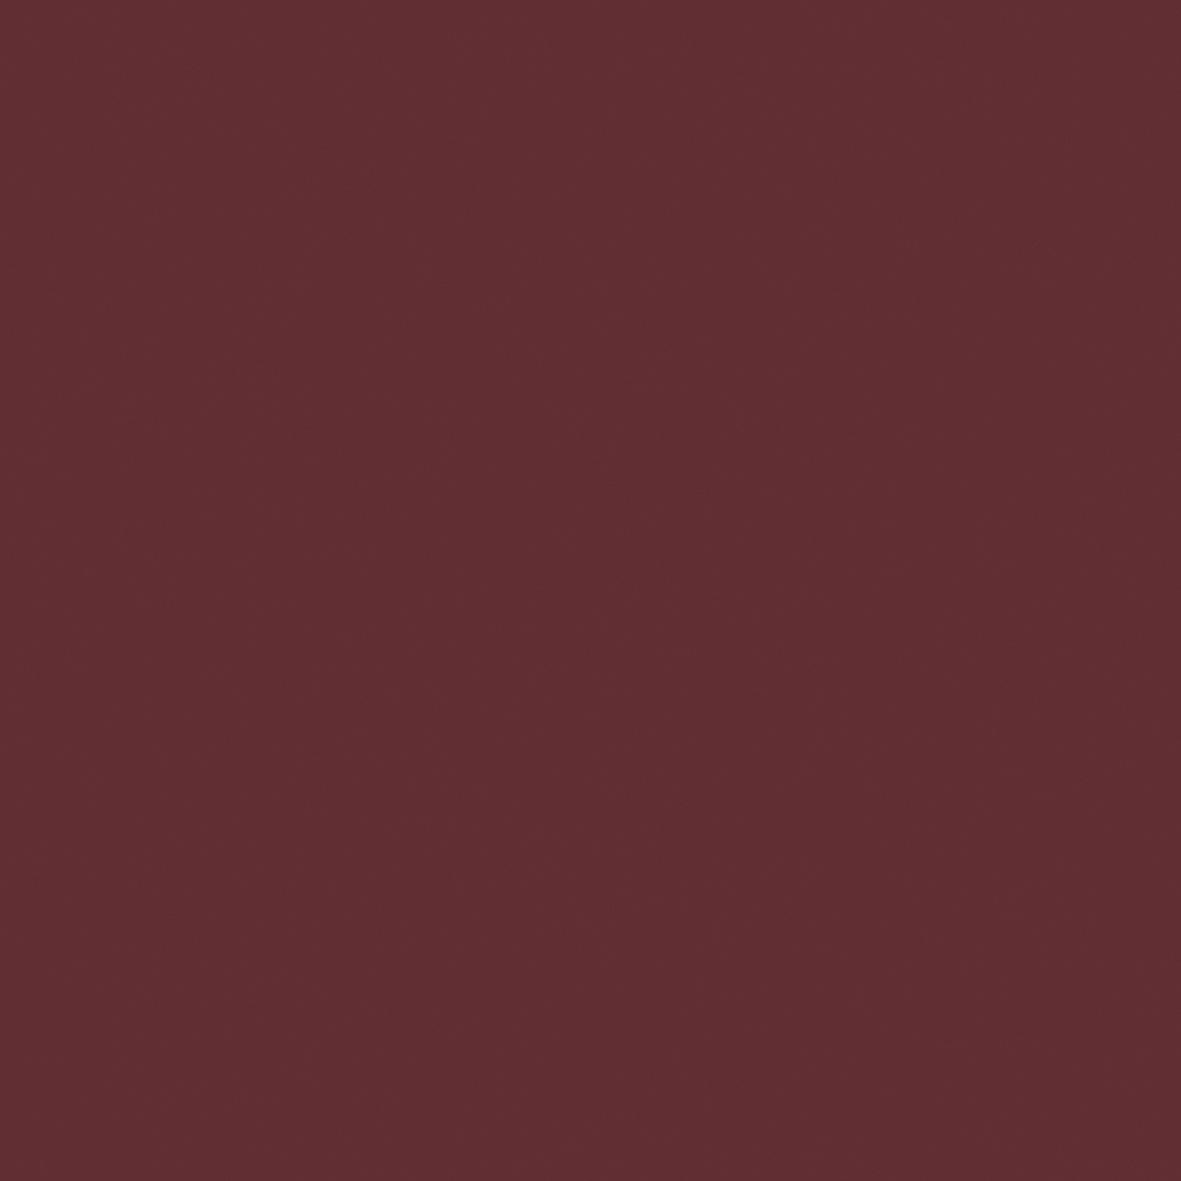 Kaisercraft Weave Texture Cardstock 12X12-Merlot